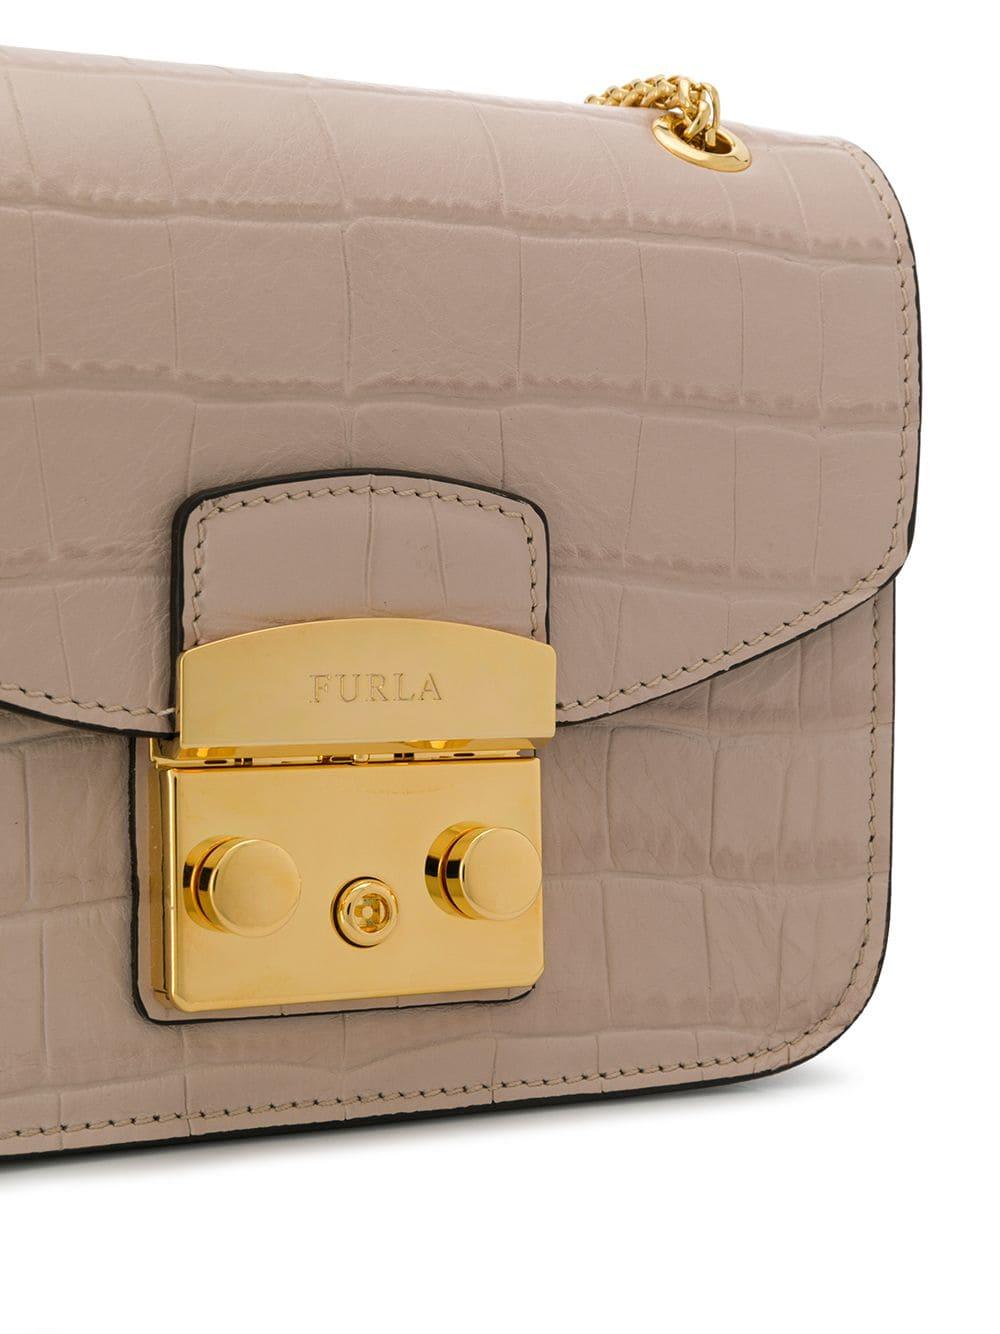 Picture of Furla | Metropolis Mini Crossbody Bag